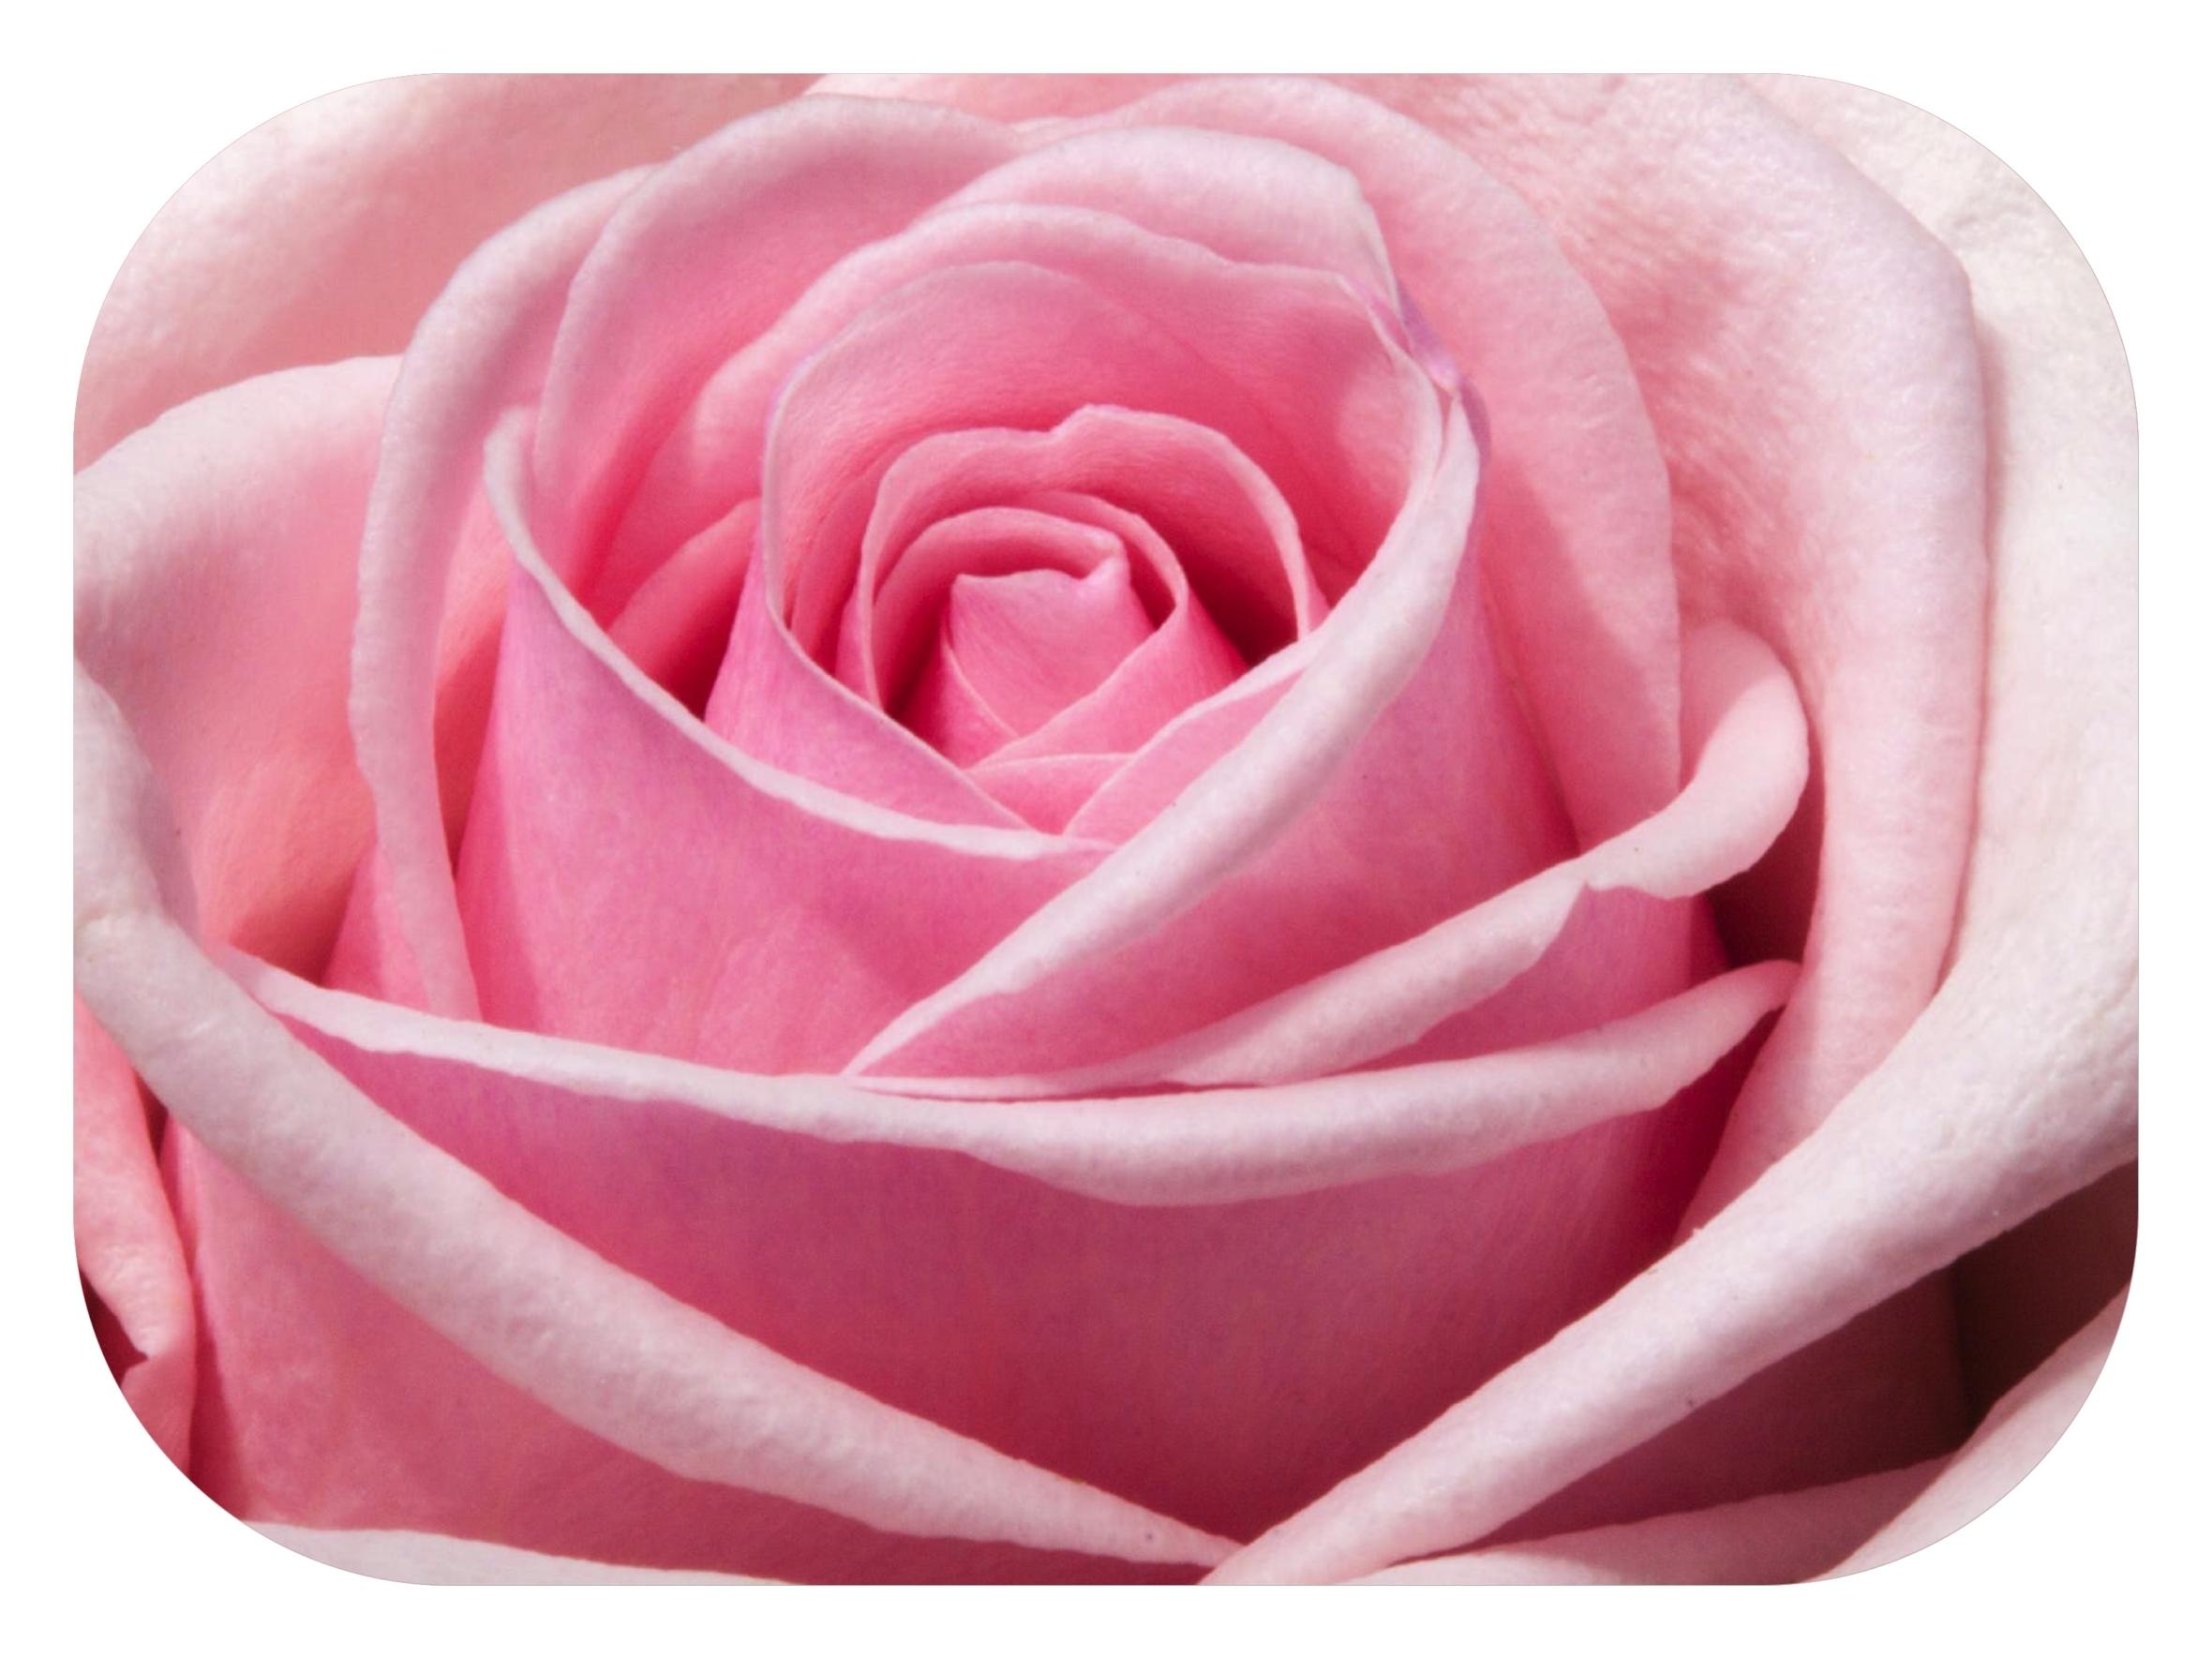 L'hydrolat de rose est une des eaux florales les plus utilisées et conseillées. Calmante, apaisante et anti-oxydante, elle convient aux peau sèches, sensibles et aux peaux matures. Personnellement je ne l'utilise plus depuis des mois. Je vous explique pourquoi.